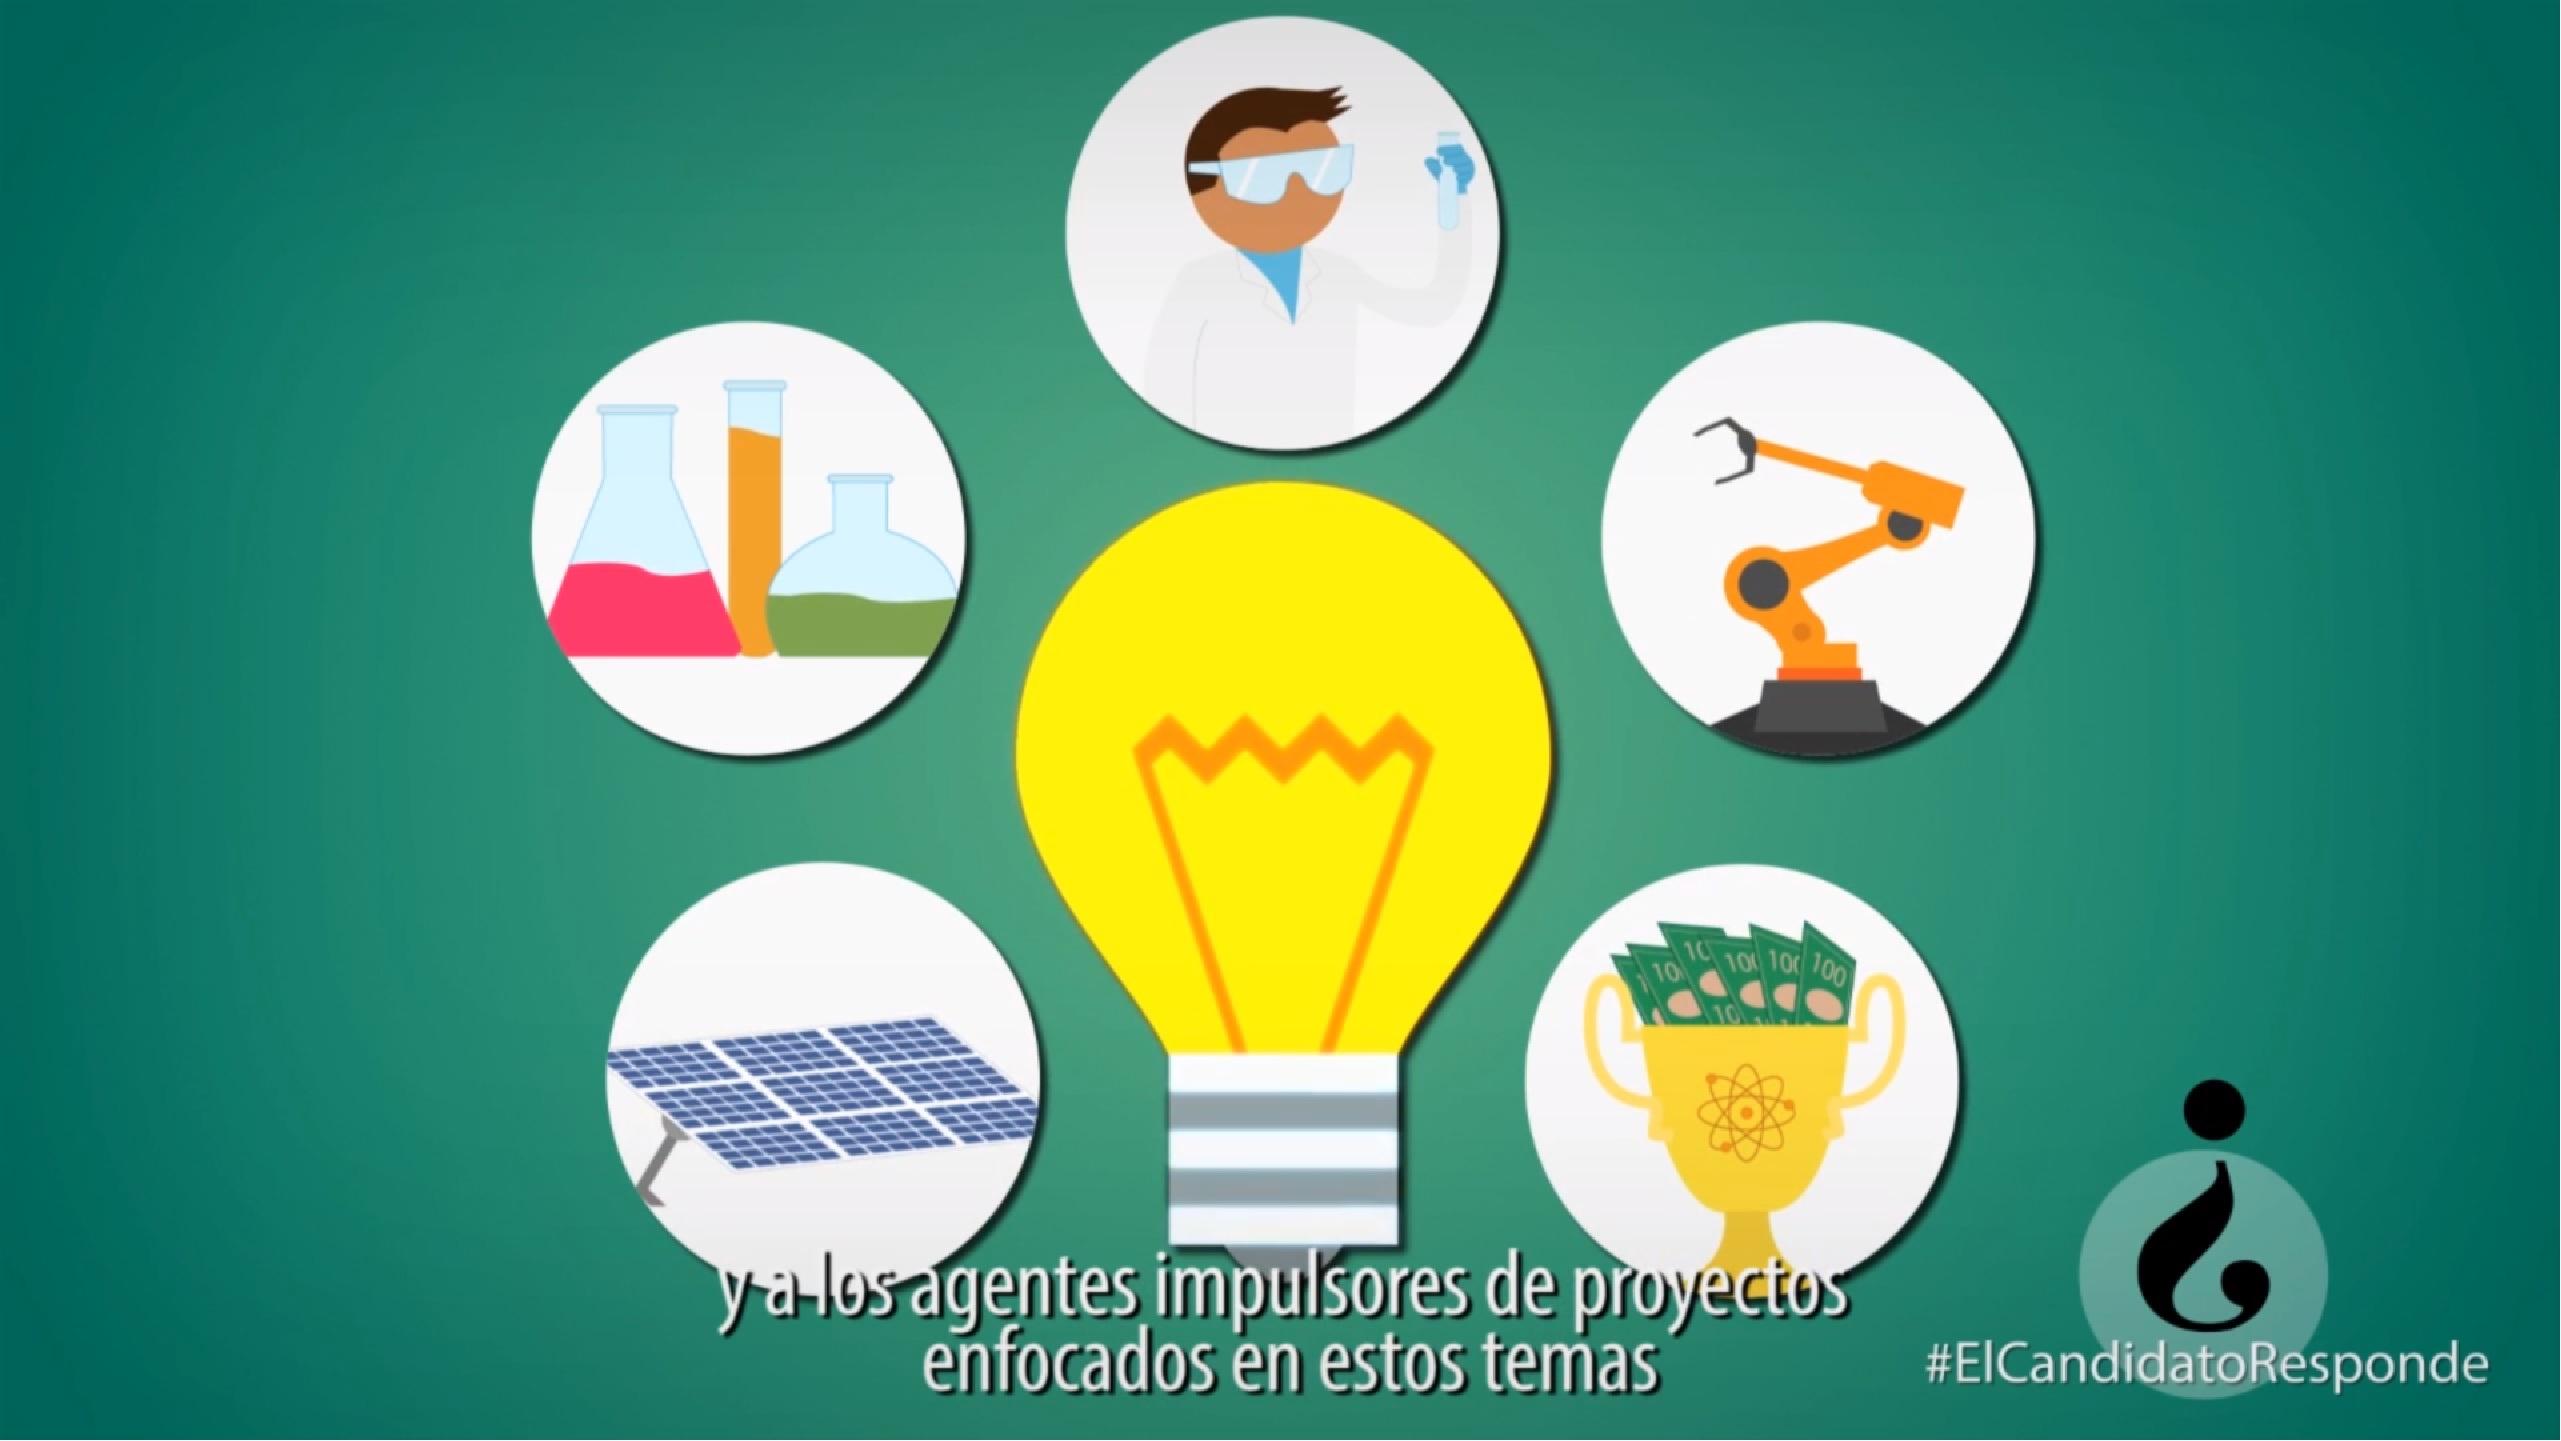 Elecciones Perú 2016: Propuestas de Fomento de la Ciencia, Tecnología e Innovación